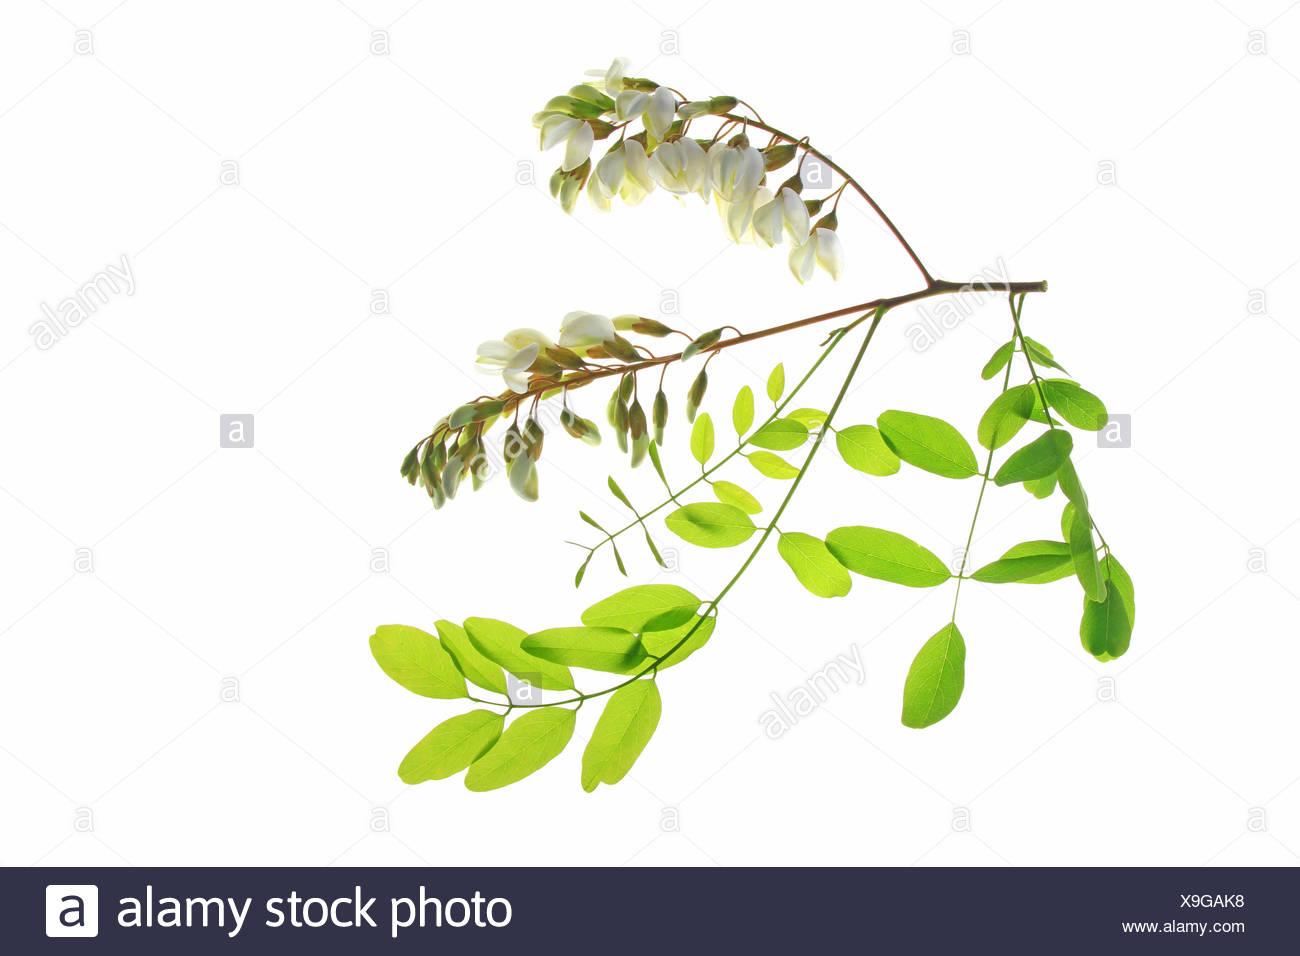 Black Locust or False Acacia (Robinia pseudoacacia Stock Photo